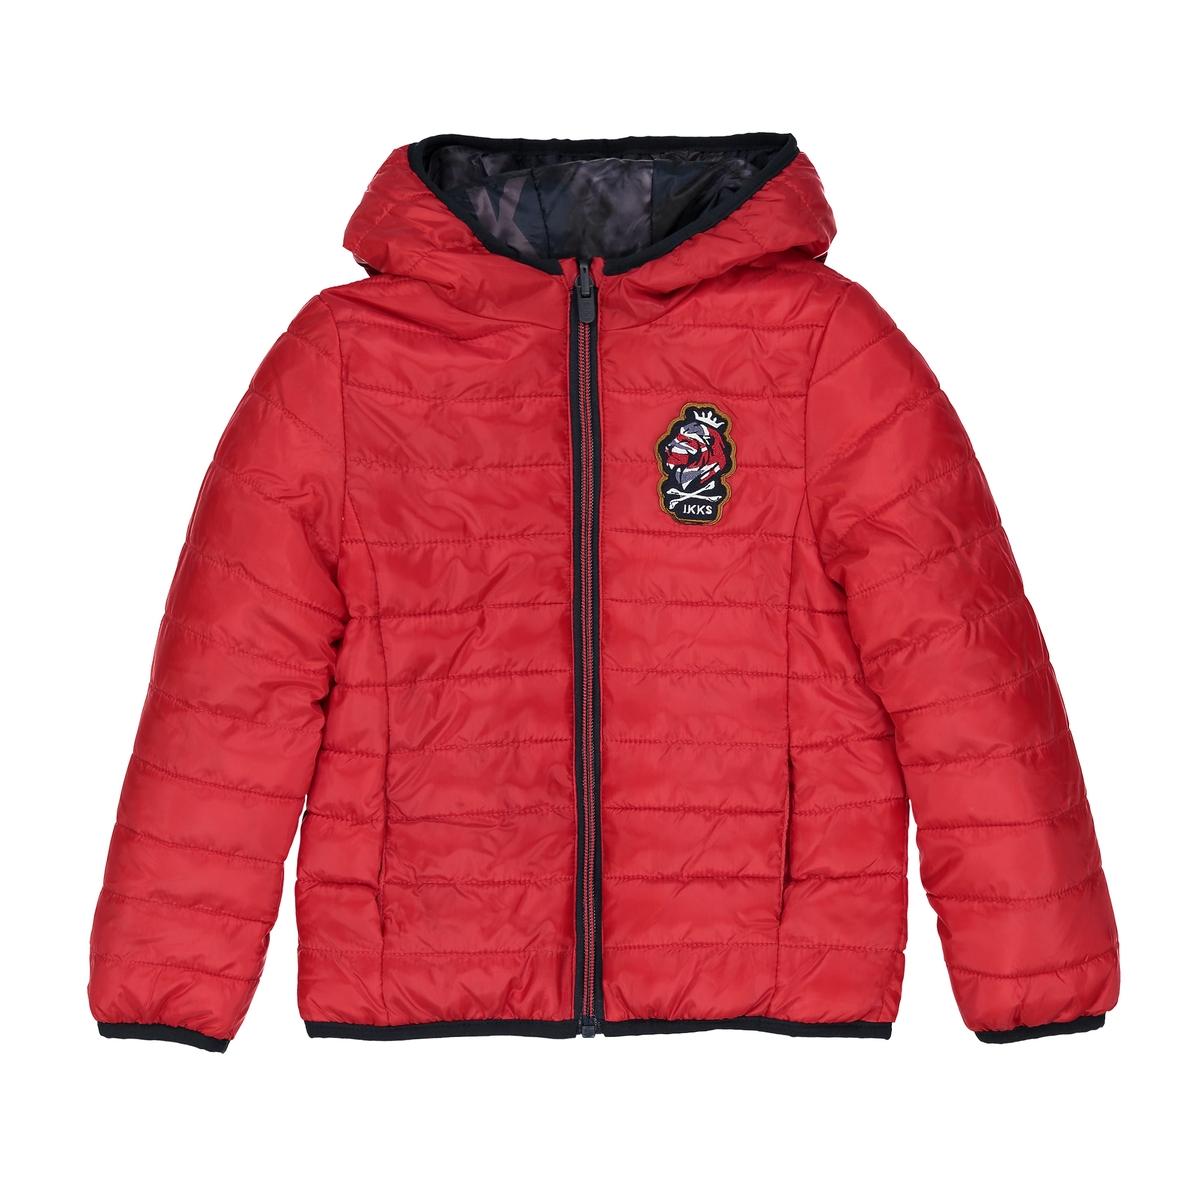 Куртка стеганая двусторонняя, 3-14 лет